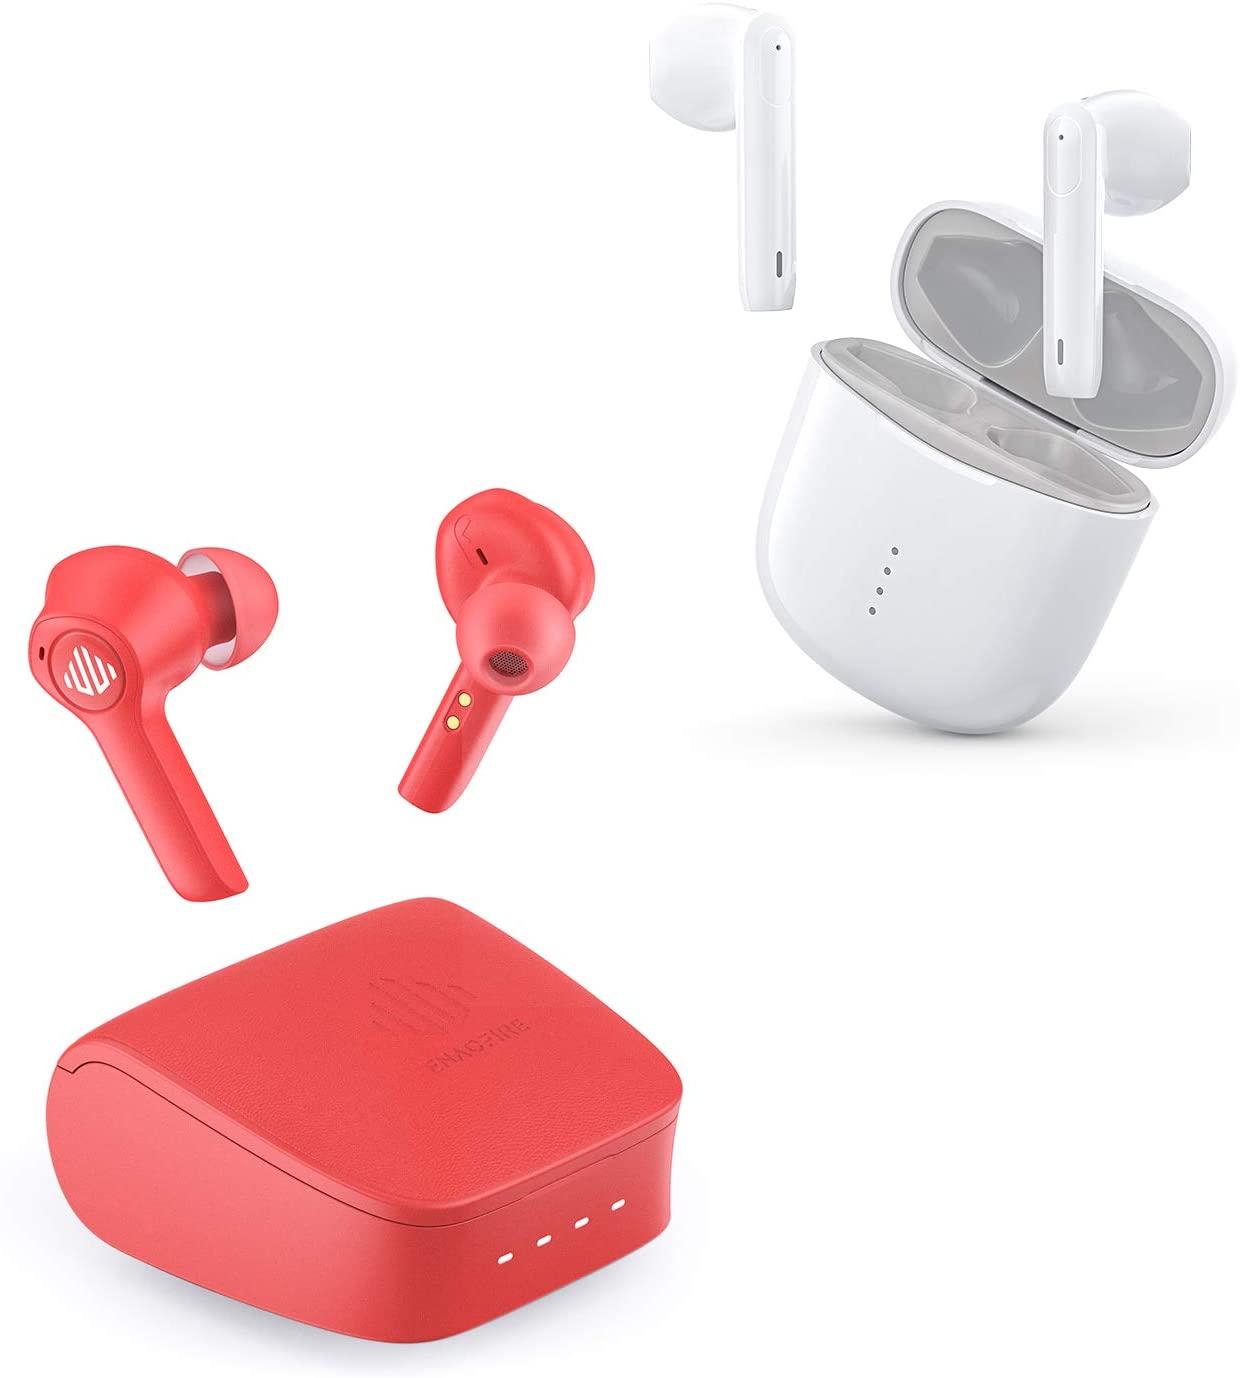 ENACFIRE G20 Red Wireless Earbuds + ENACFIRE T1 Wireless Earbuds